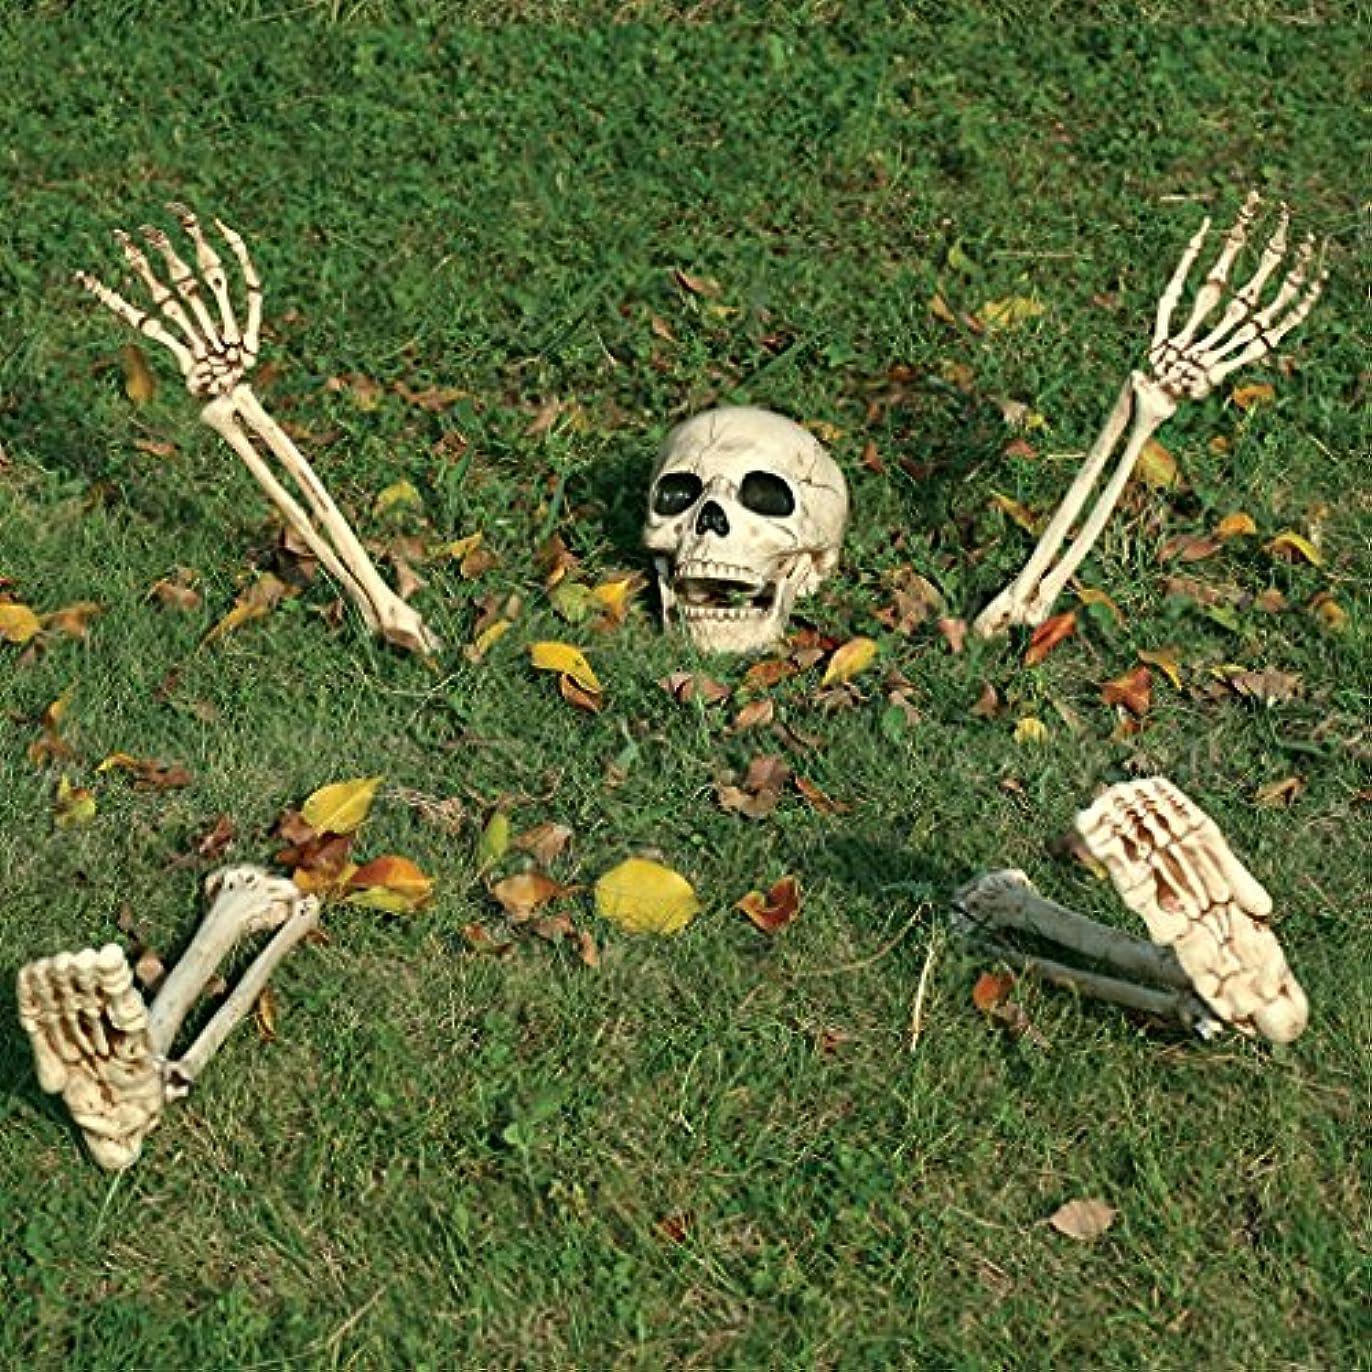 悲しいピクニックをする休日ハロウィン装飾クリエイティブ玩具ホラーおかしい全体家のお化け屋敷小道具汕頭の手と足